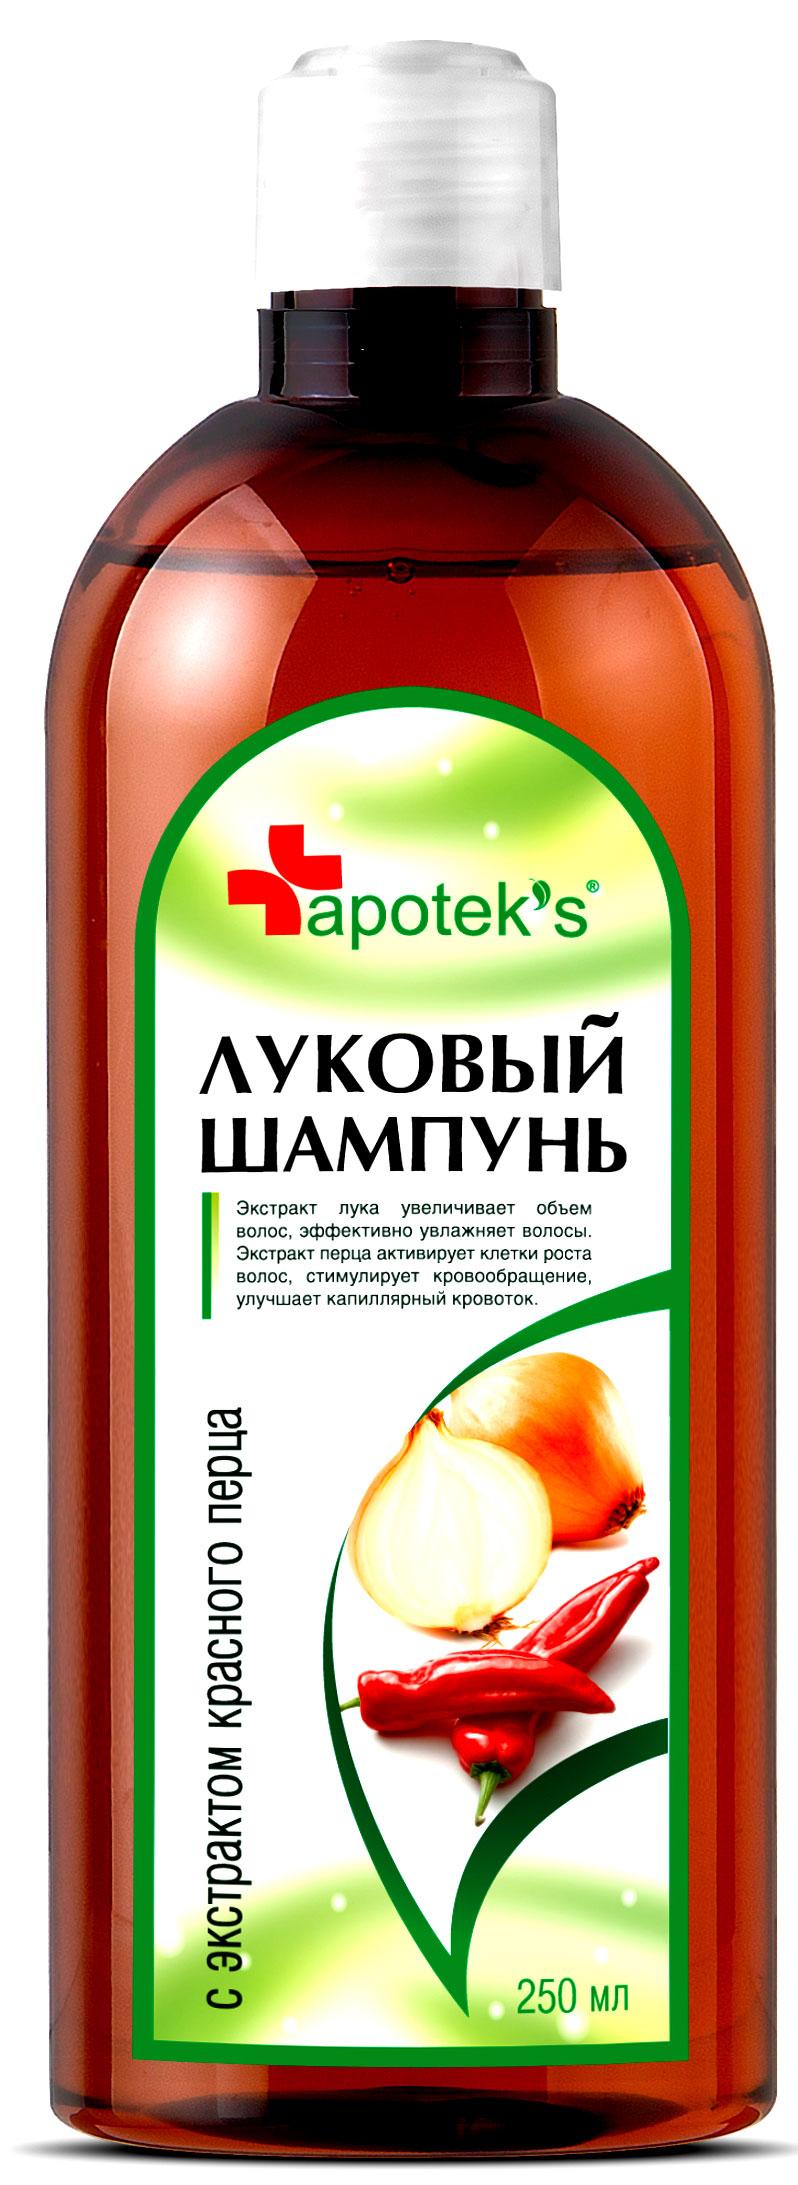 Apotek`s Шампунь луковый с экстрактом красного перца, 250 мл4650001795007Луковой шампунь с экстрактом красного перца нормализует обменные процессы, укрепляет и питает волосяные луковицы, восстанавливает поврежденную структуру волос, богатейший источник витамина С. Стимулирует рост волос, при постоянном применении помогает бороться с облысением. - Способствует питанию и укреплению волос;- Помогает при выпадение волос; - Стимулирует спящие волосяные фолликулы.